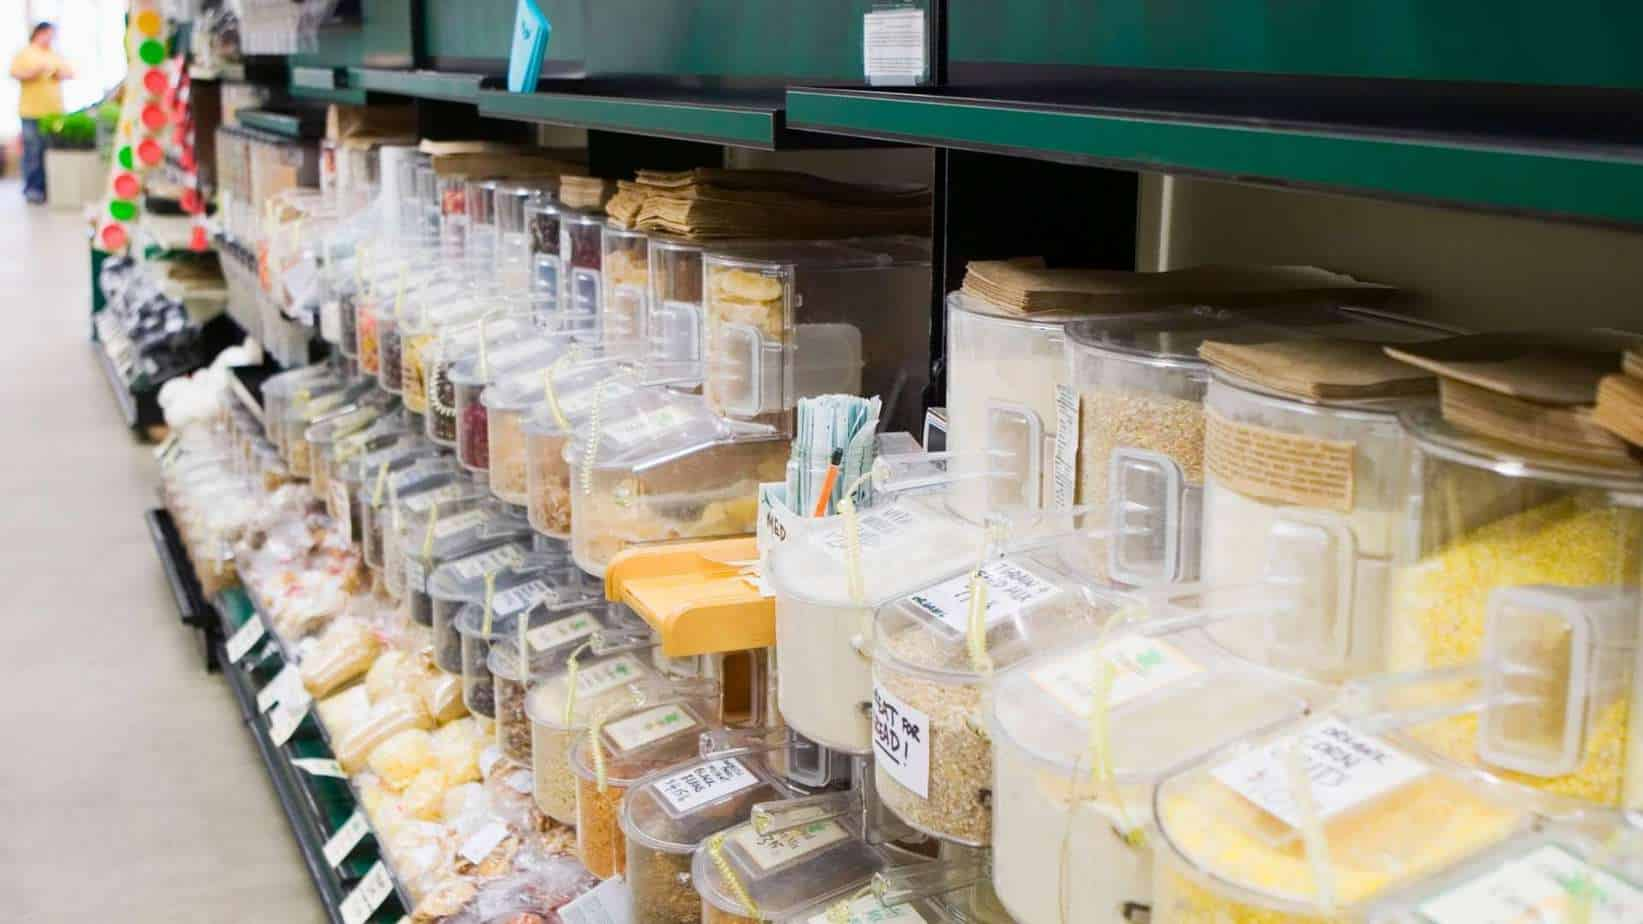 Baking aisle